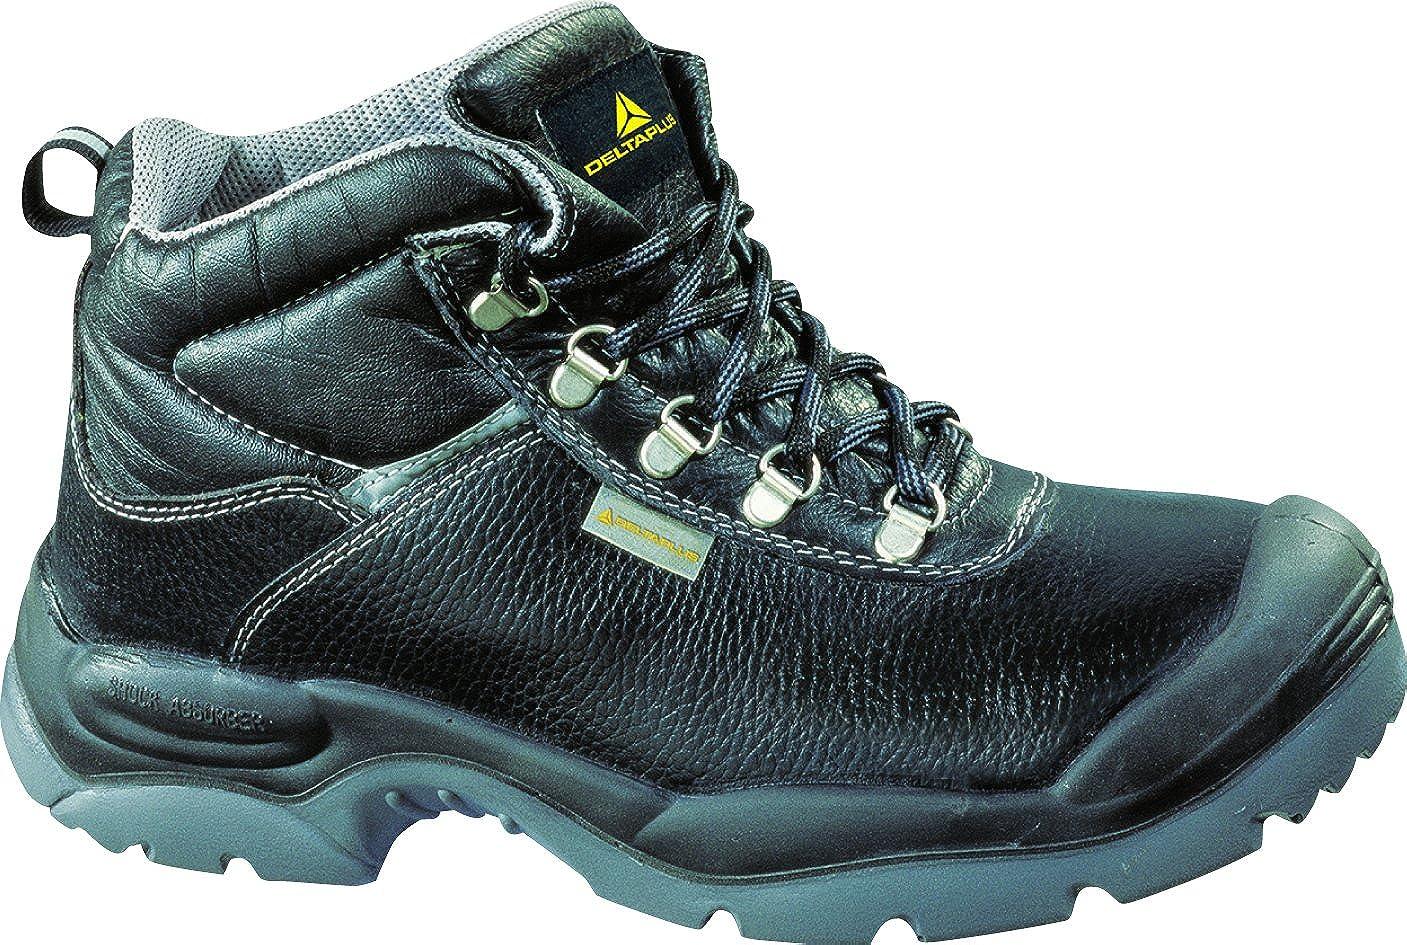 Panoply - Botas de cuero para hombre, color gris, talla 45: Amazon.es: Zapatos y complementos